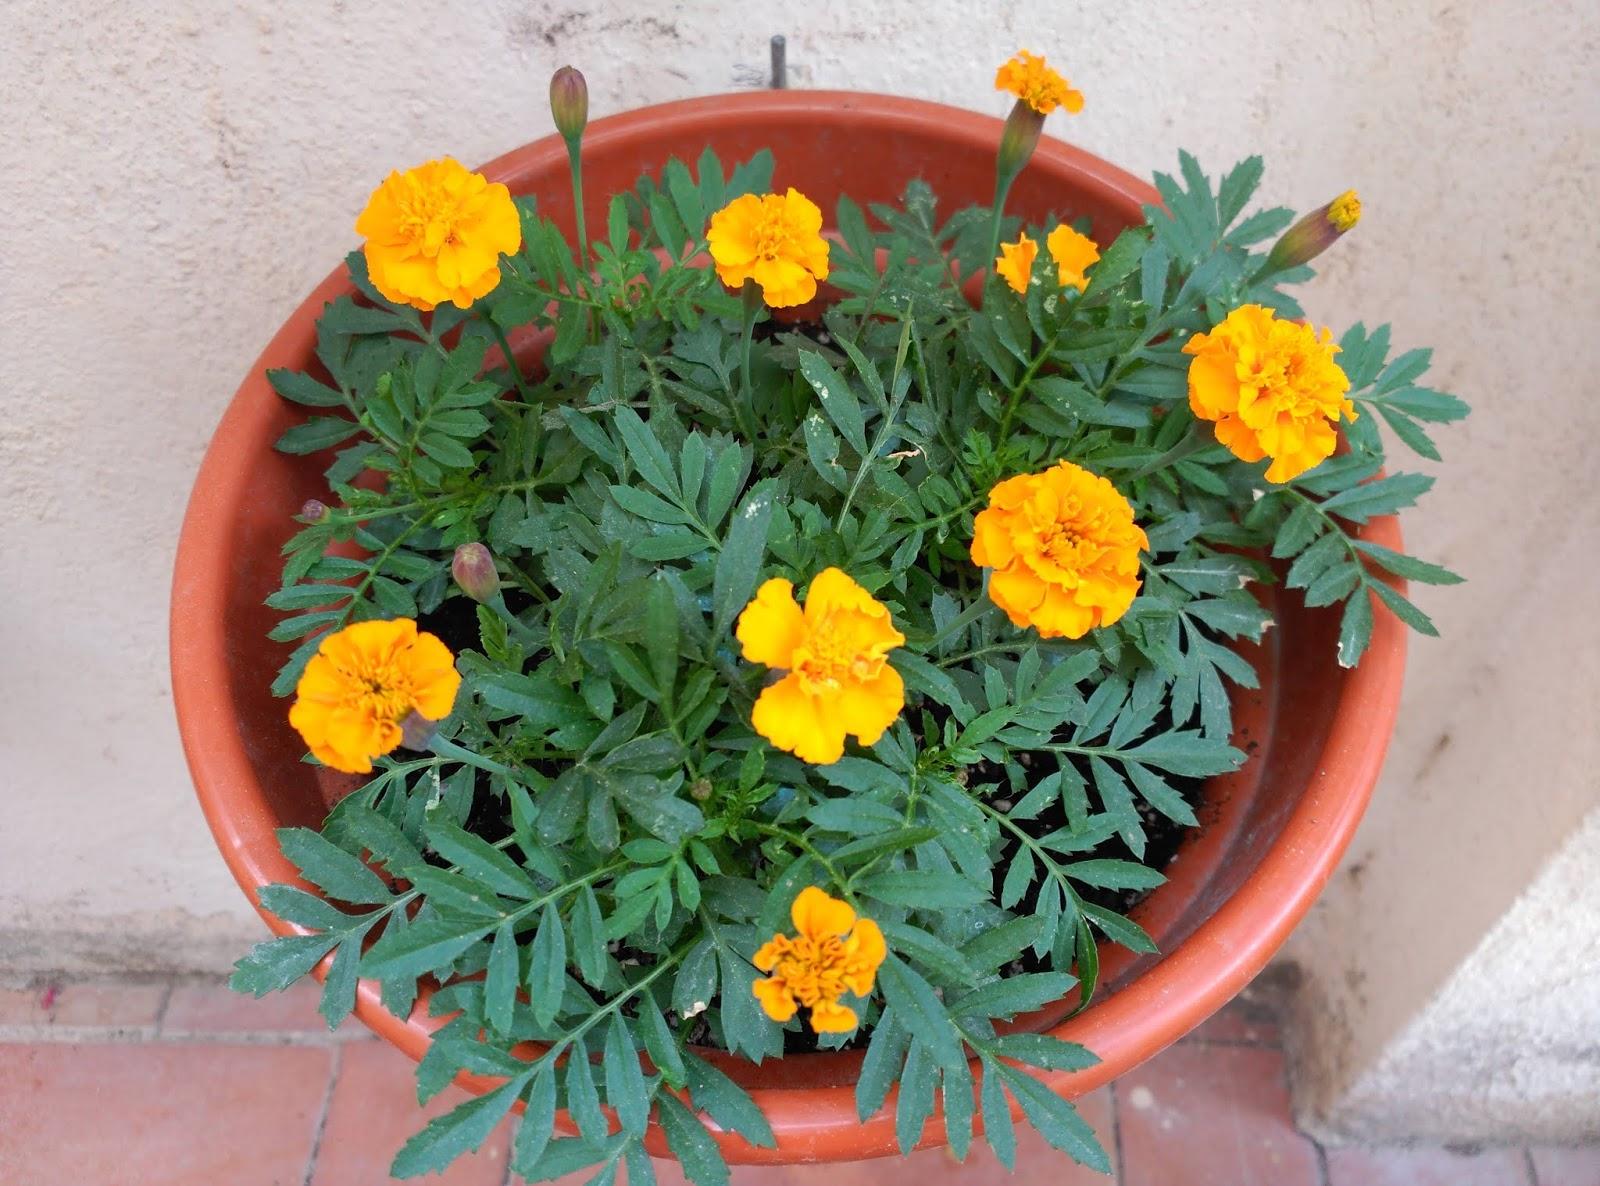 Huerto Casero de Quiquet: Tagetes de color naranja